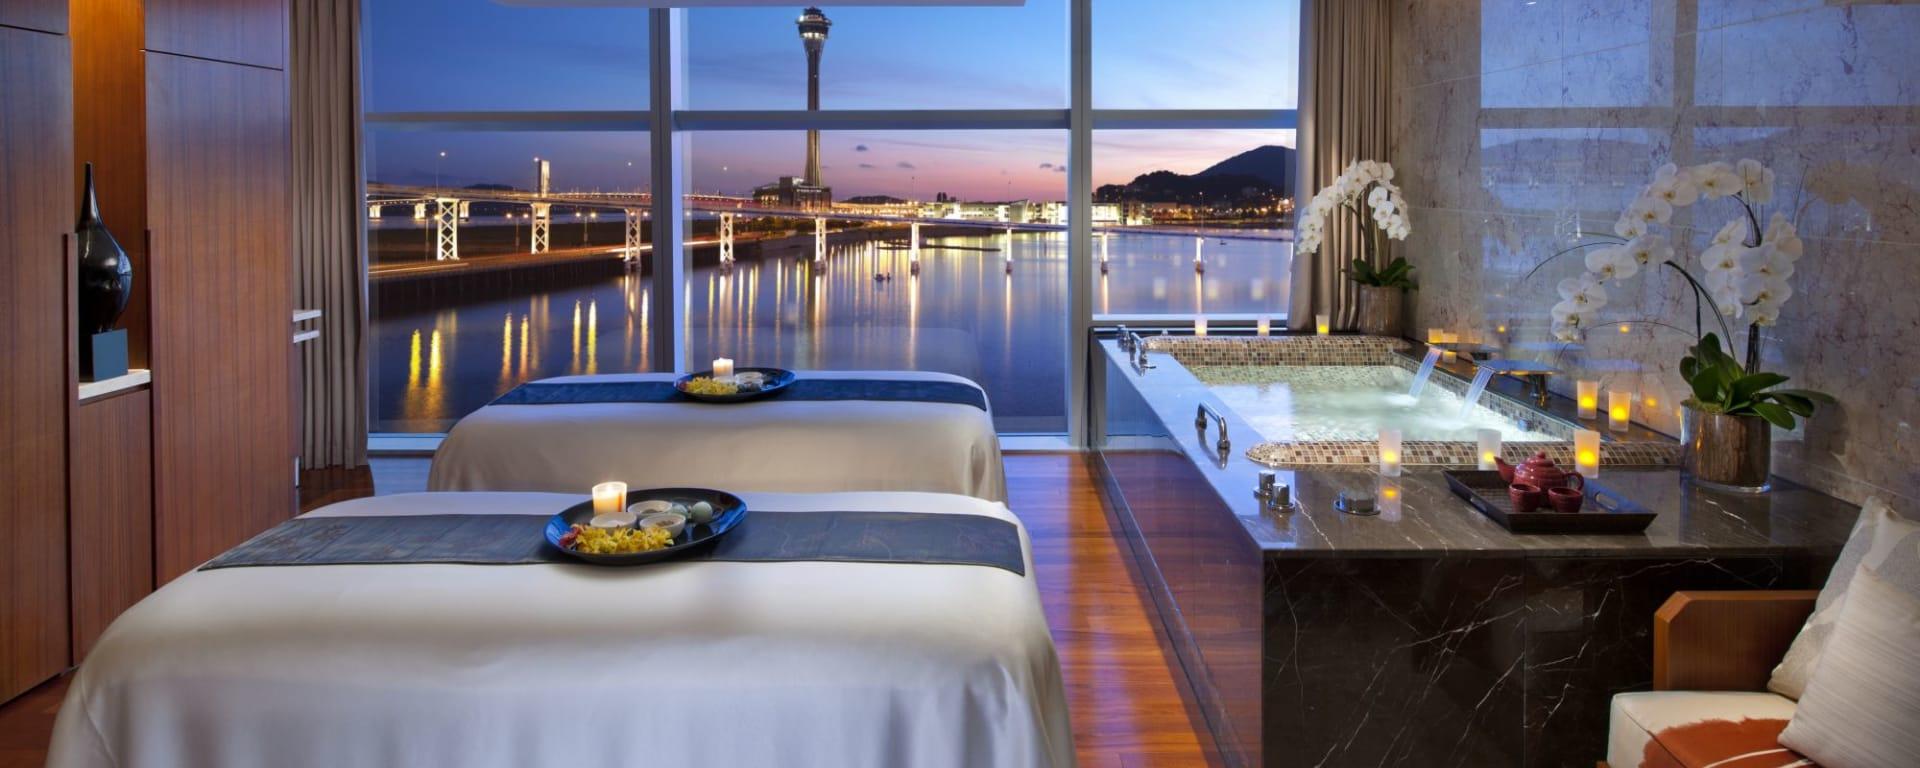 Mandarin Oriental Macau à Macao: Spa